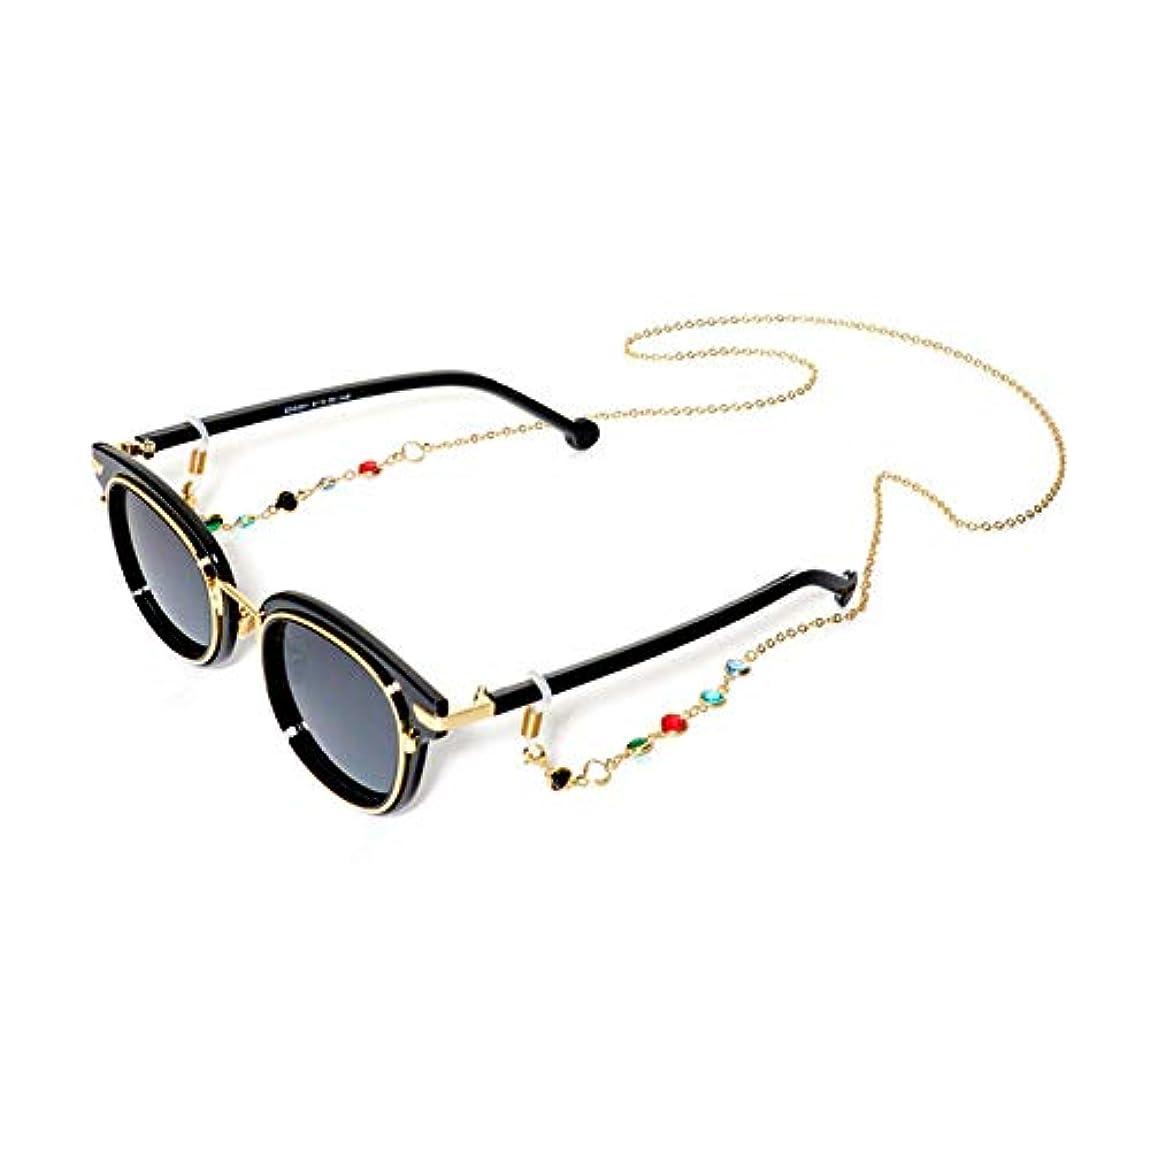 フェッチポルティコ回答BSTOPSEL ファッションジェムメガネチェーンメガネ老眼鏡メガネメガネホルダーストラップストラップ